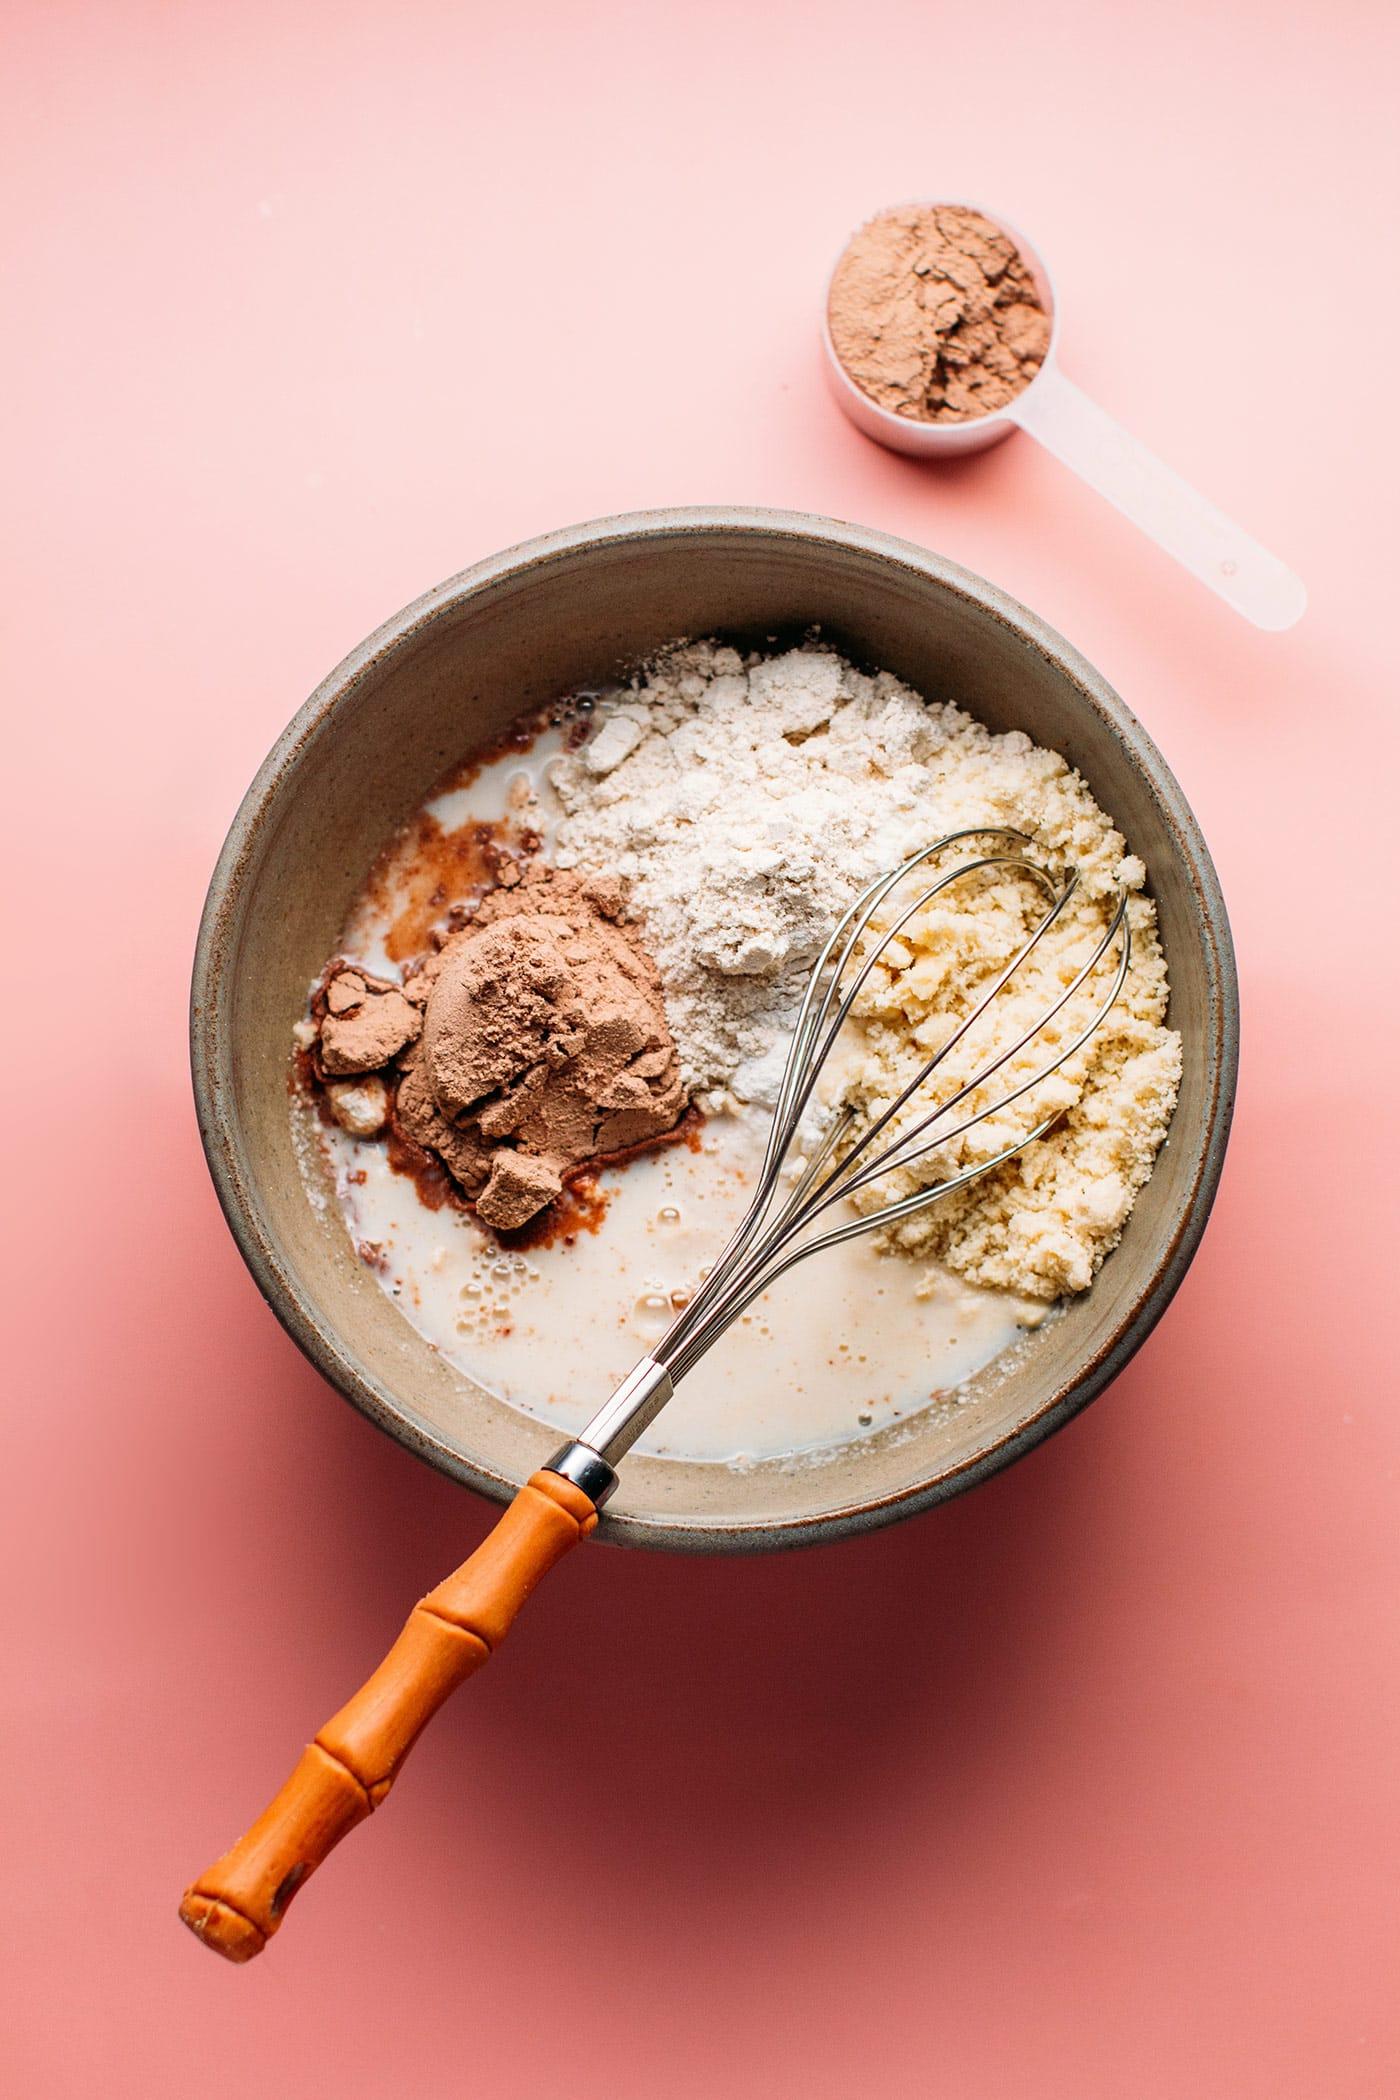 Chocolate Protein Pancakes (Vegan + GF)